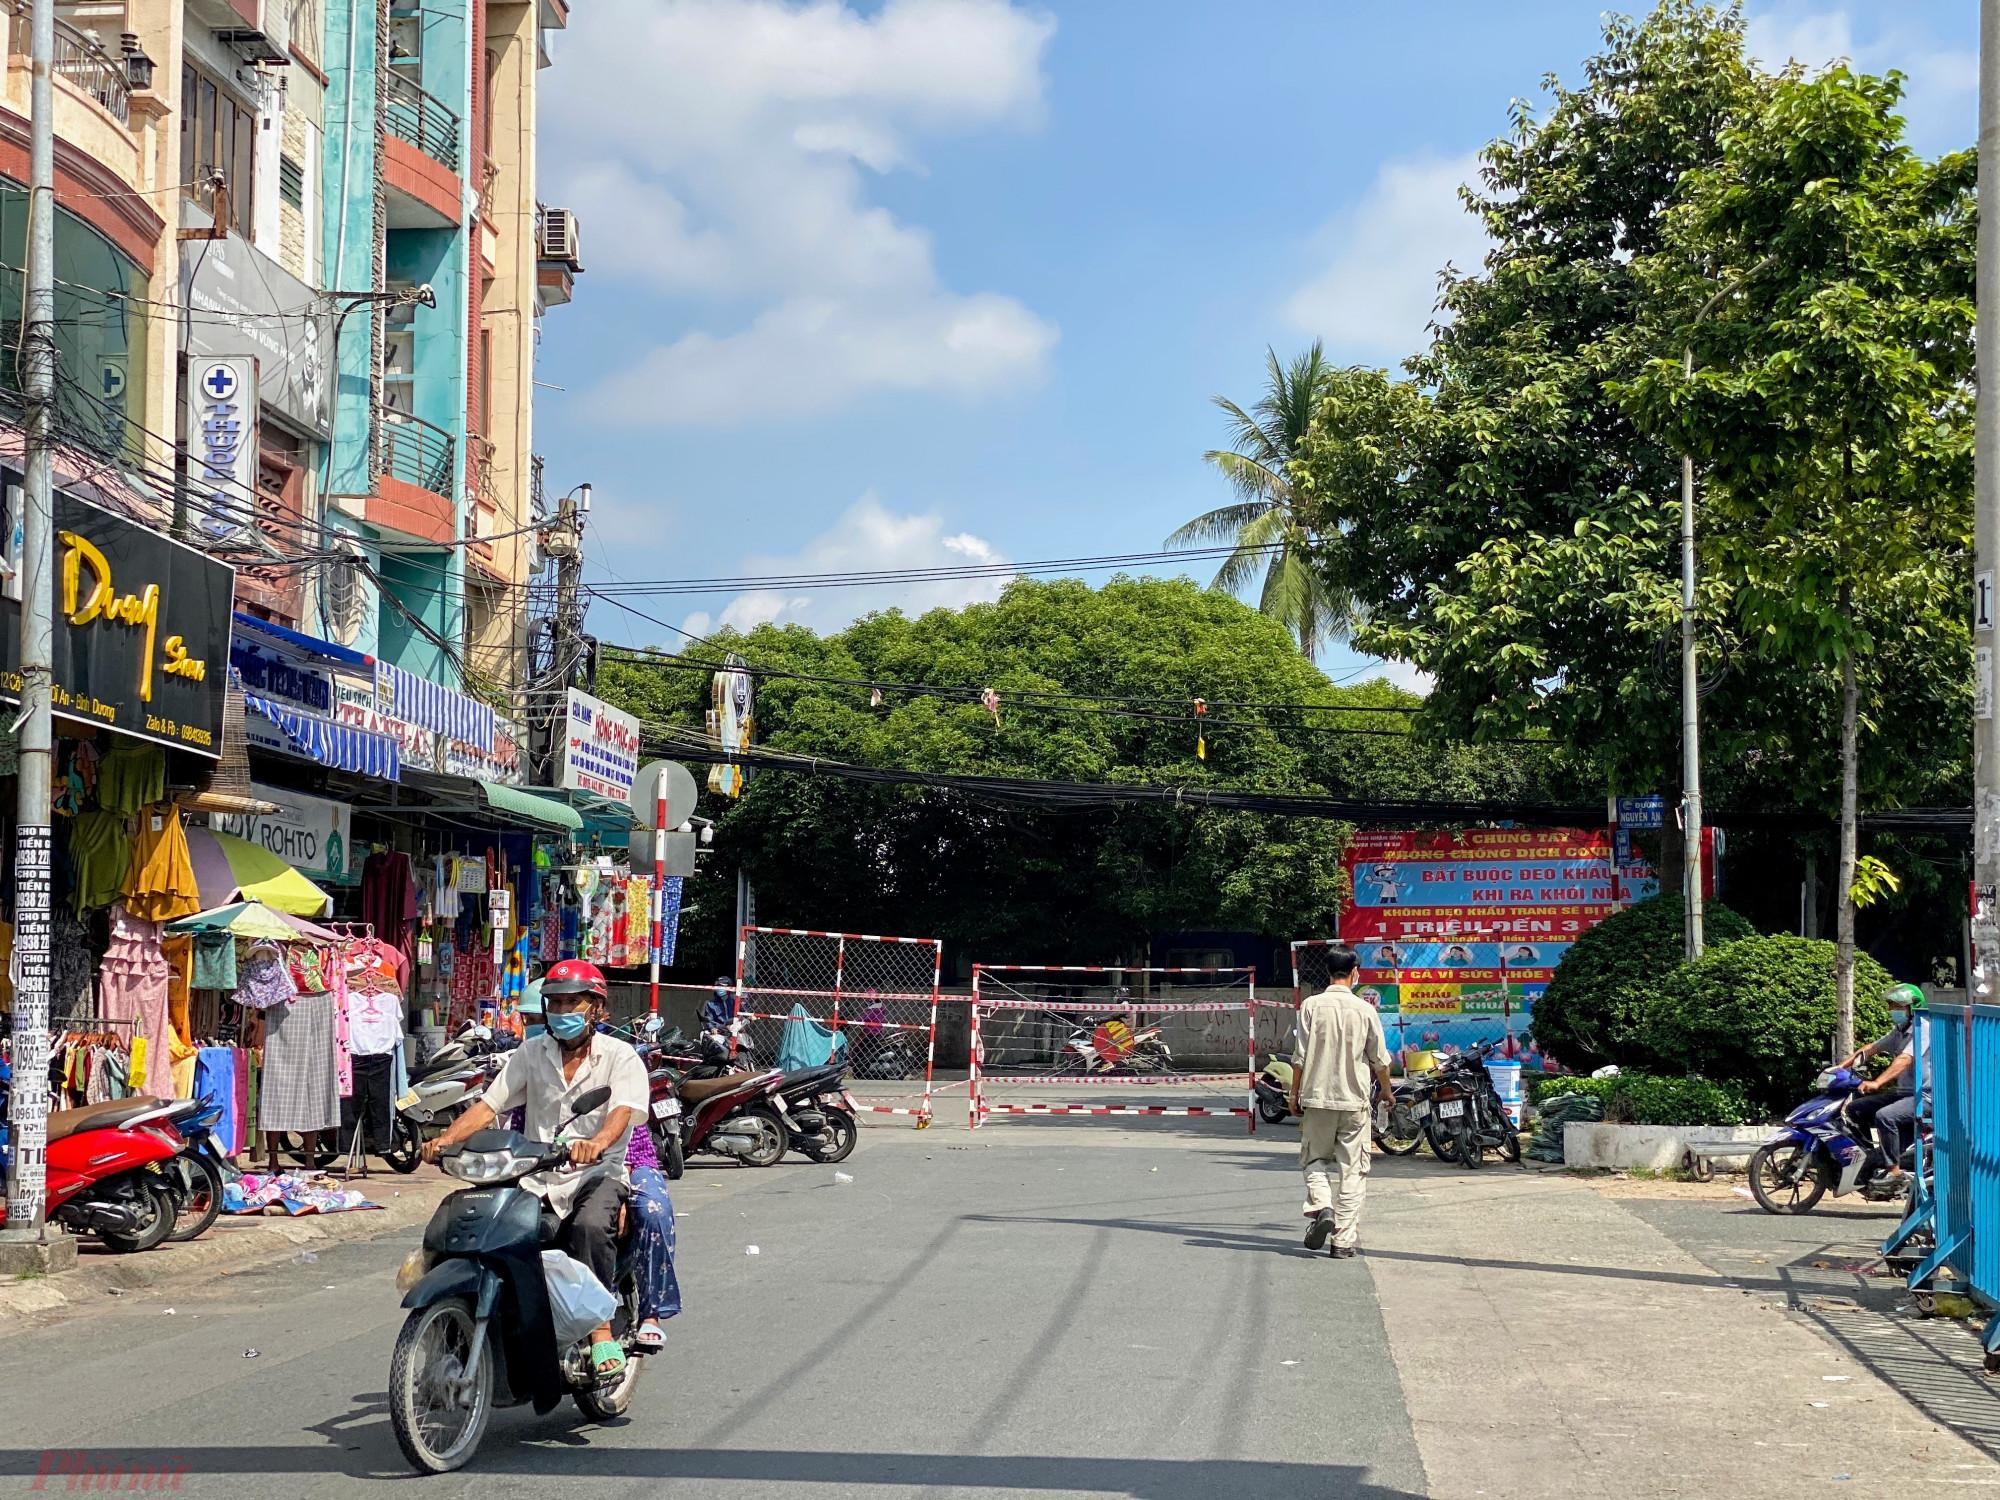 Cũng như các khu chợ khác, chợ này cũng lập các chốt chặng, chỉ cho khách vào một lối.